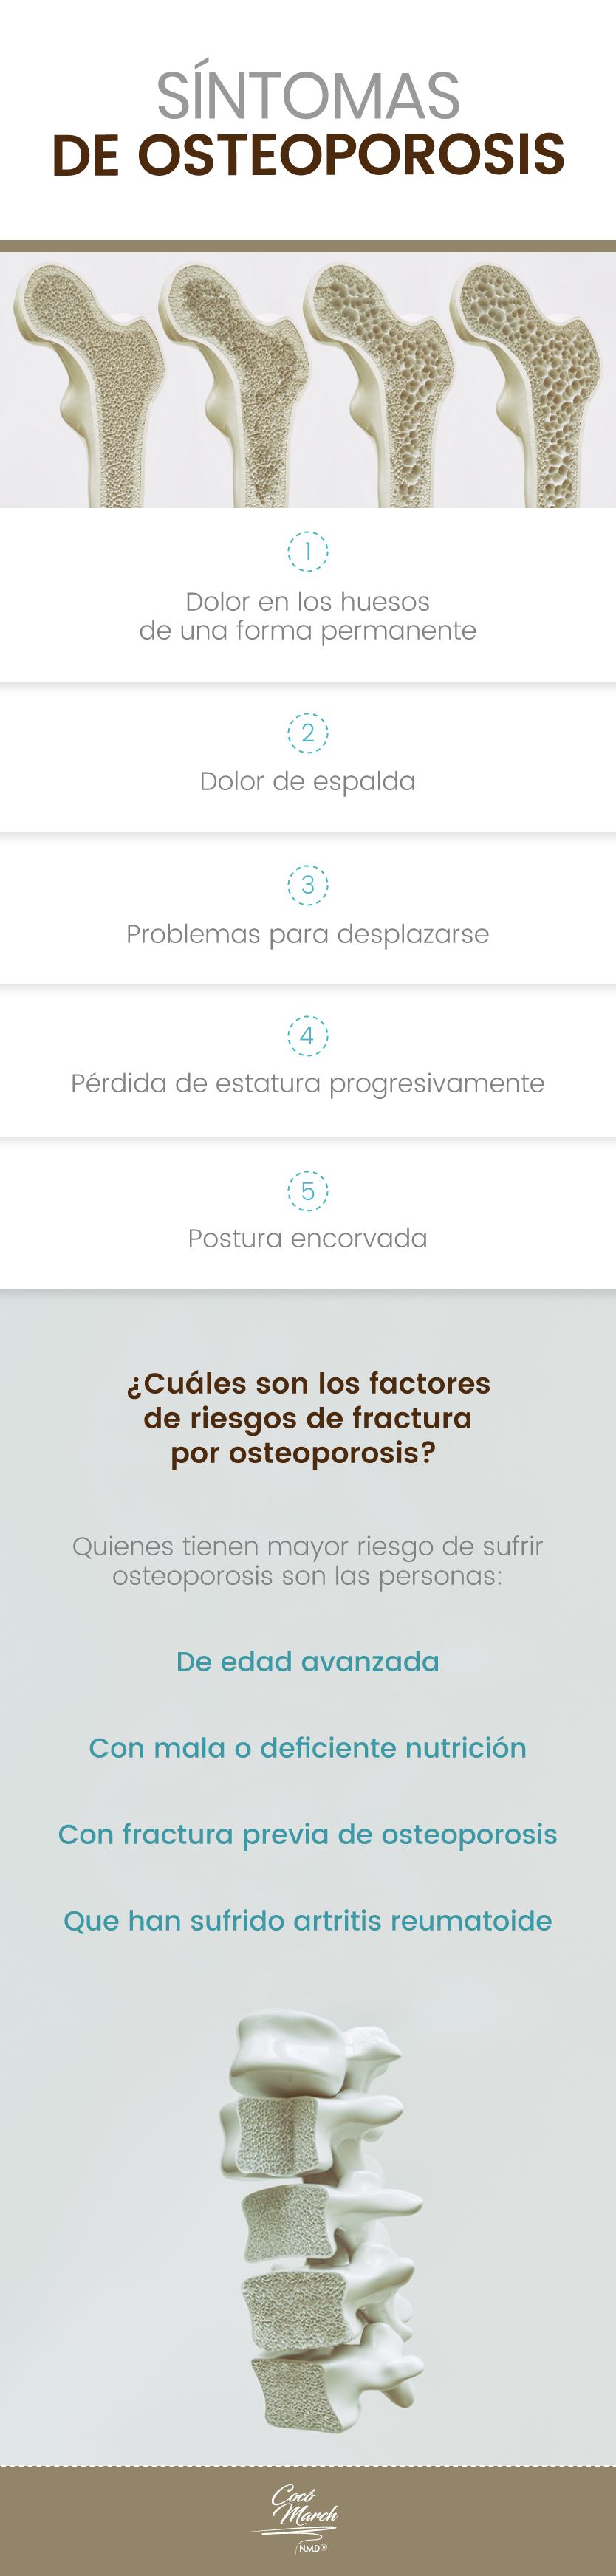 osteoporosis-sintomas